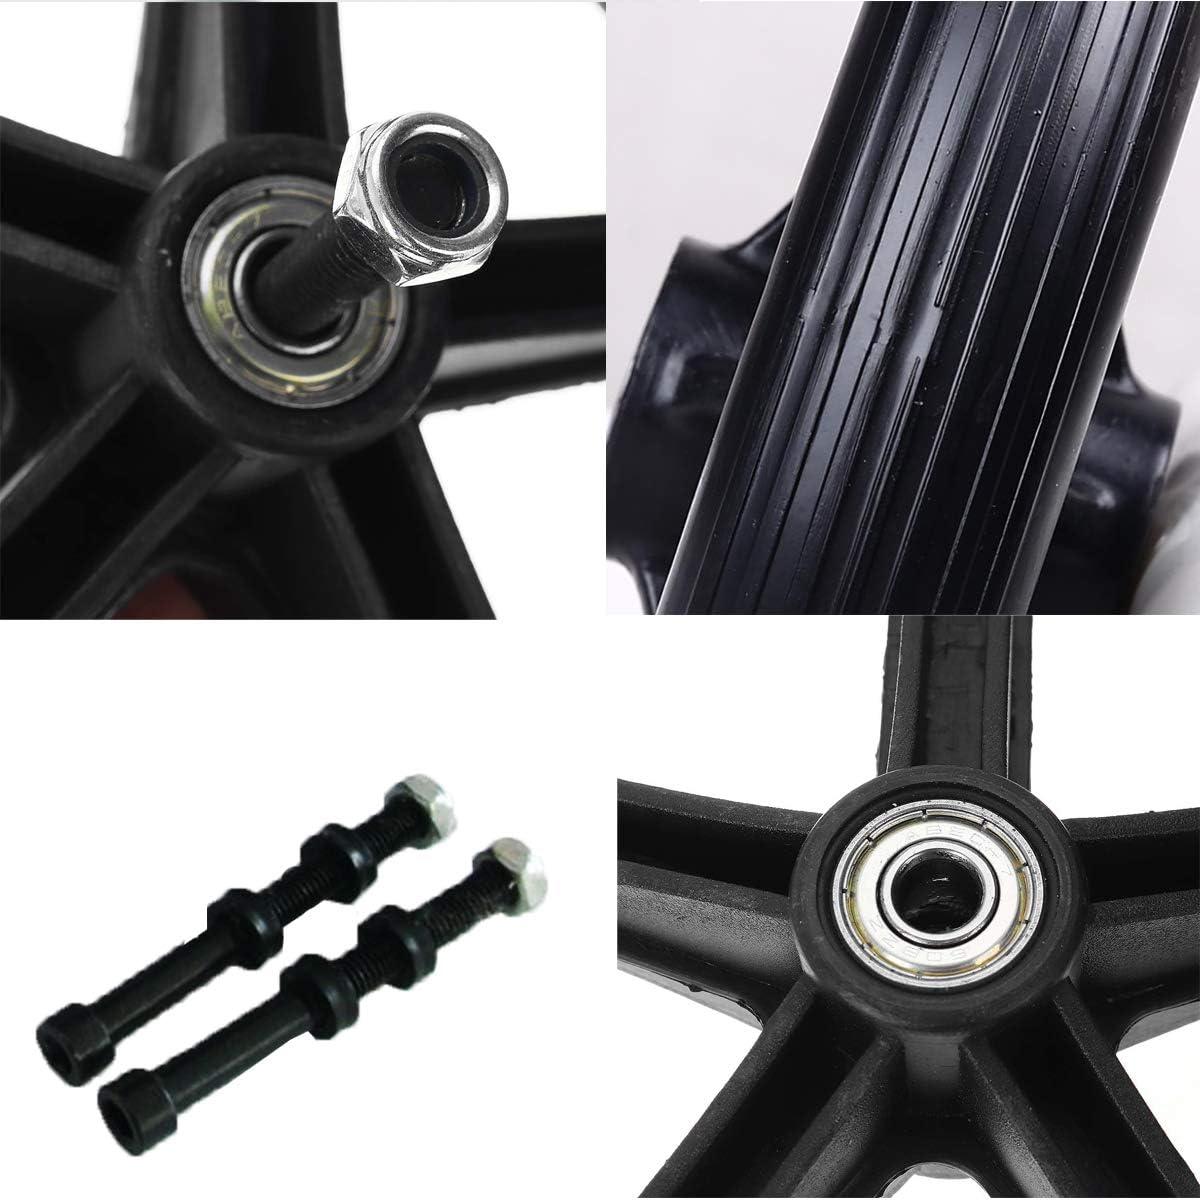 Inbusschl/üssel Reifen Rollstuhl Vorne Rollstuhlreifen Rollstuhlr/äder Vorne Kleines Rad 7in Walker Wheels Ersatz Schwarz Mit 0,8 cm Lager